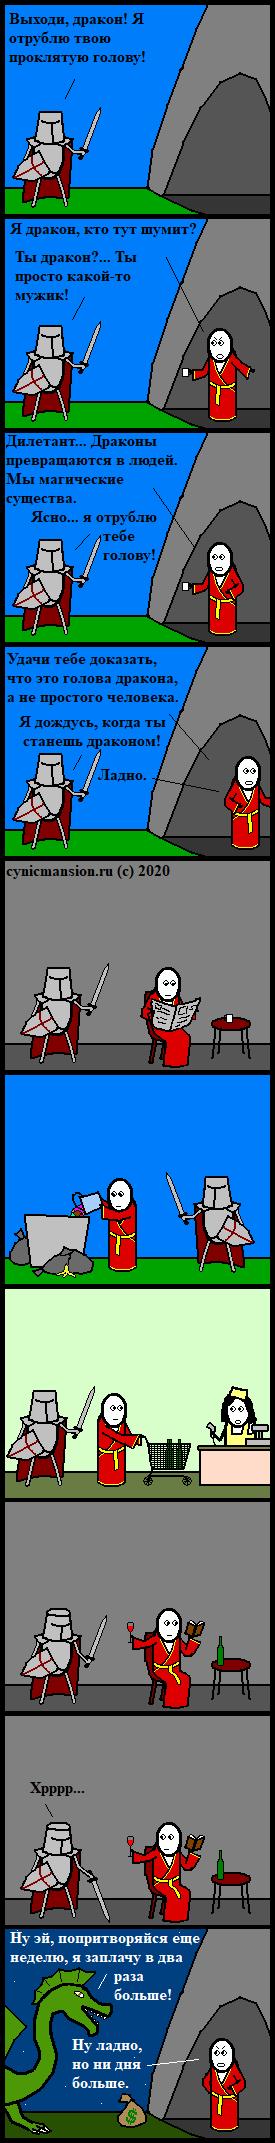 Драконовское